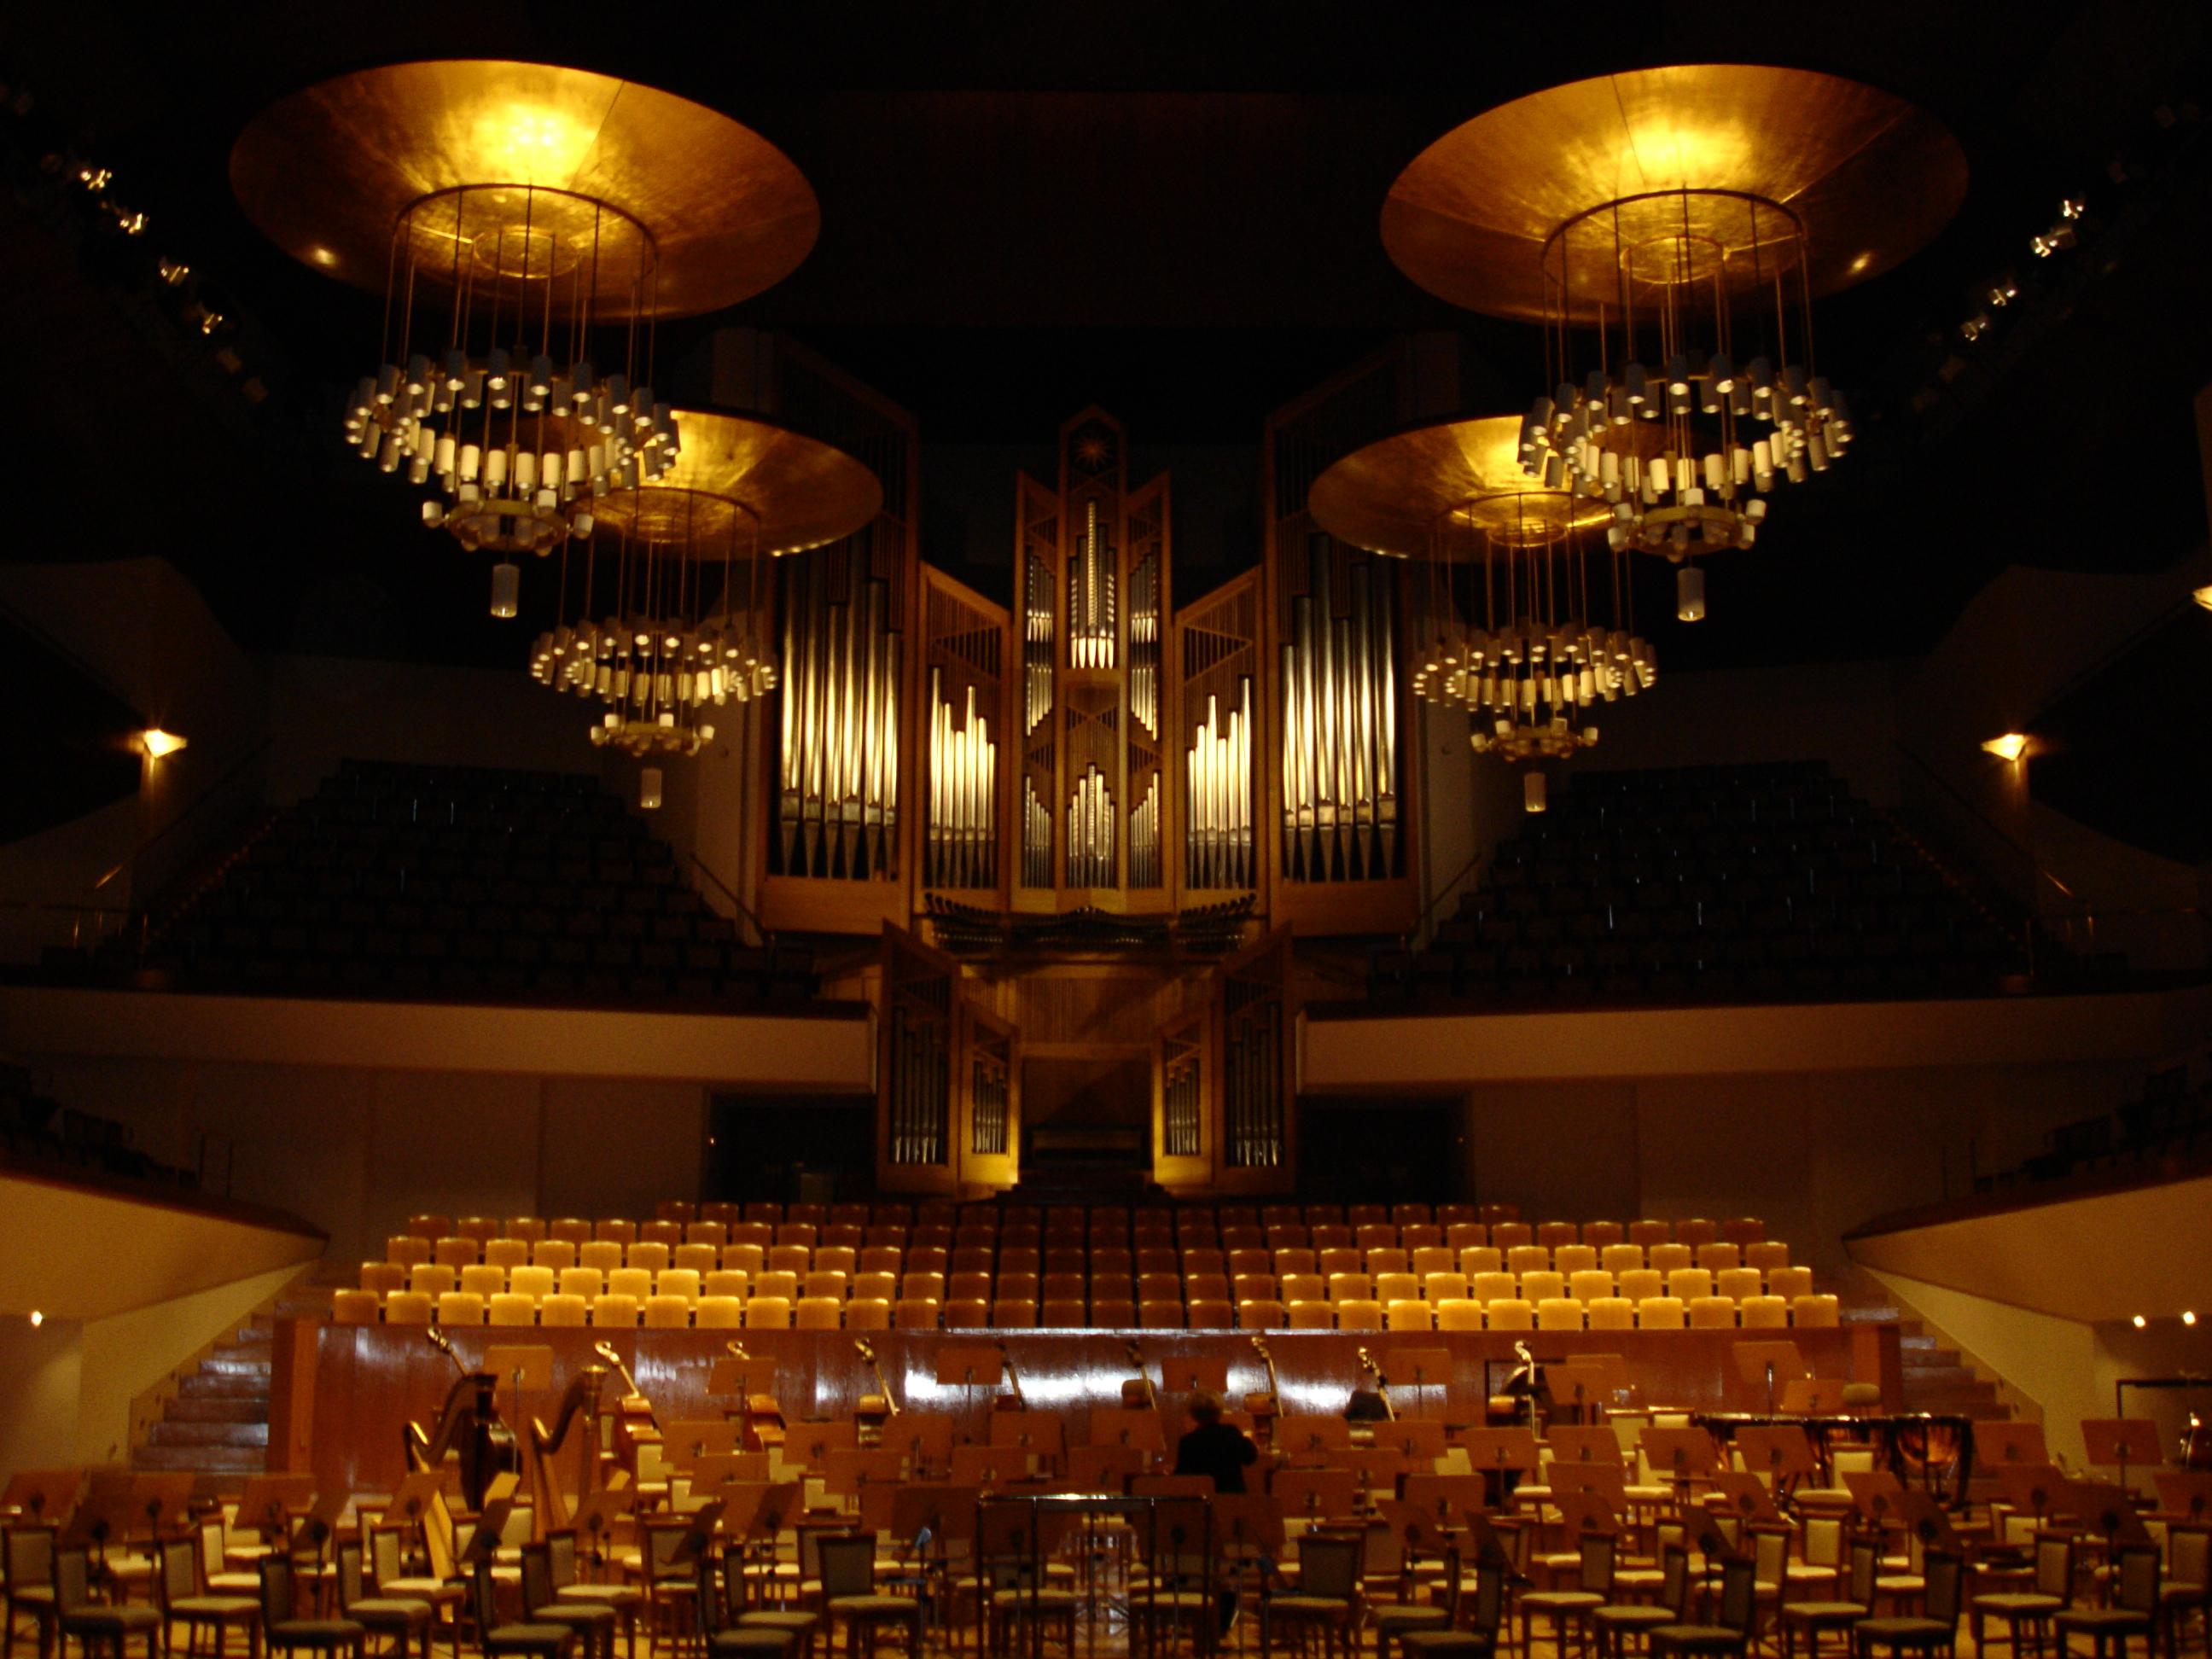 Neo Auditorium - Página 2 Auditorio_Nacional_de_M%C3%BAsica_%28Madrid%29_01